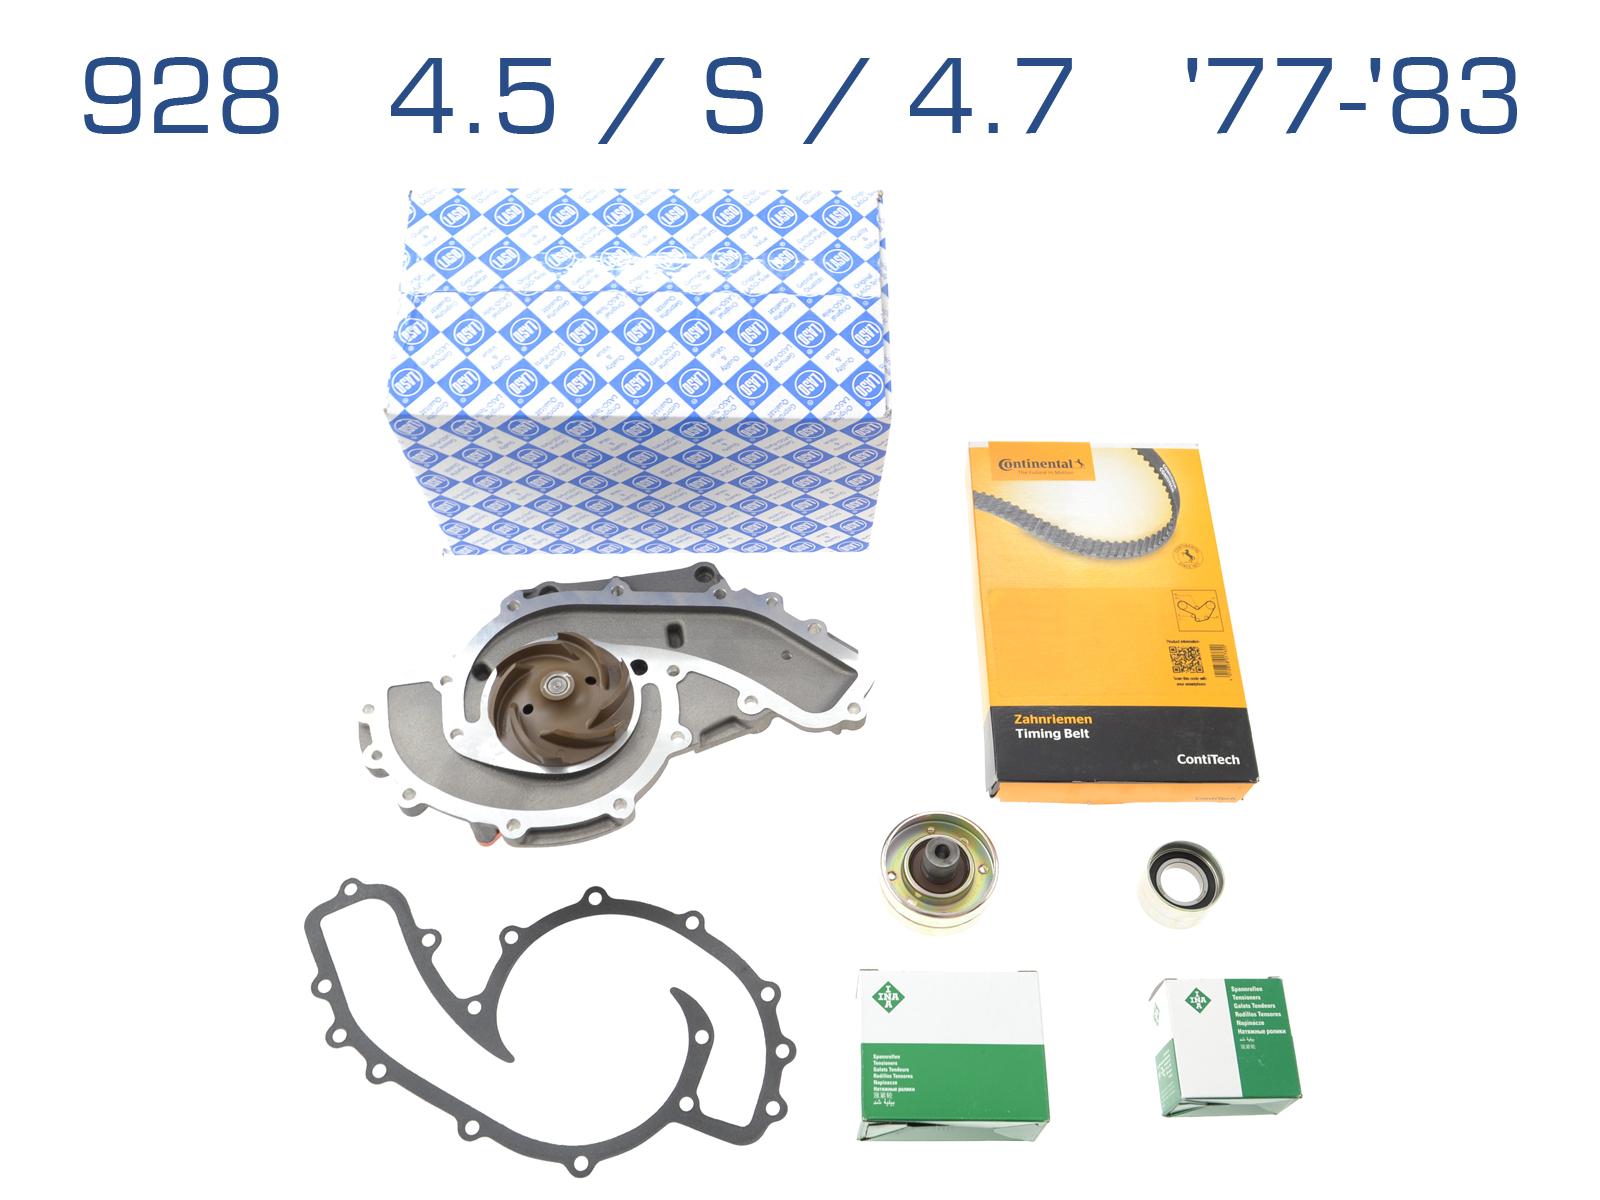 Wasserpumpe + Zahnriemen für Porsche 928/4.5/S/4.7 '77-'83